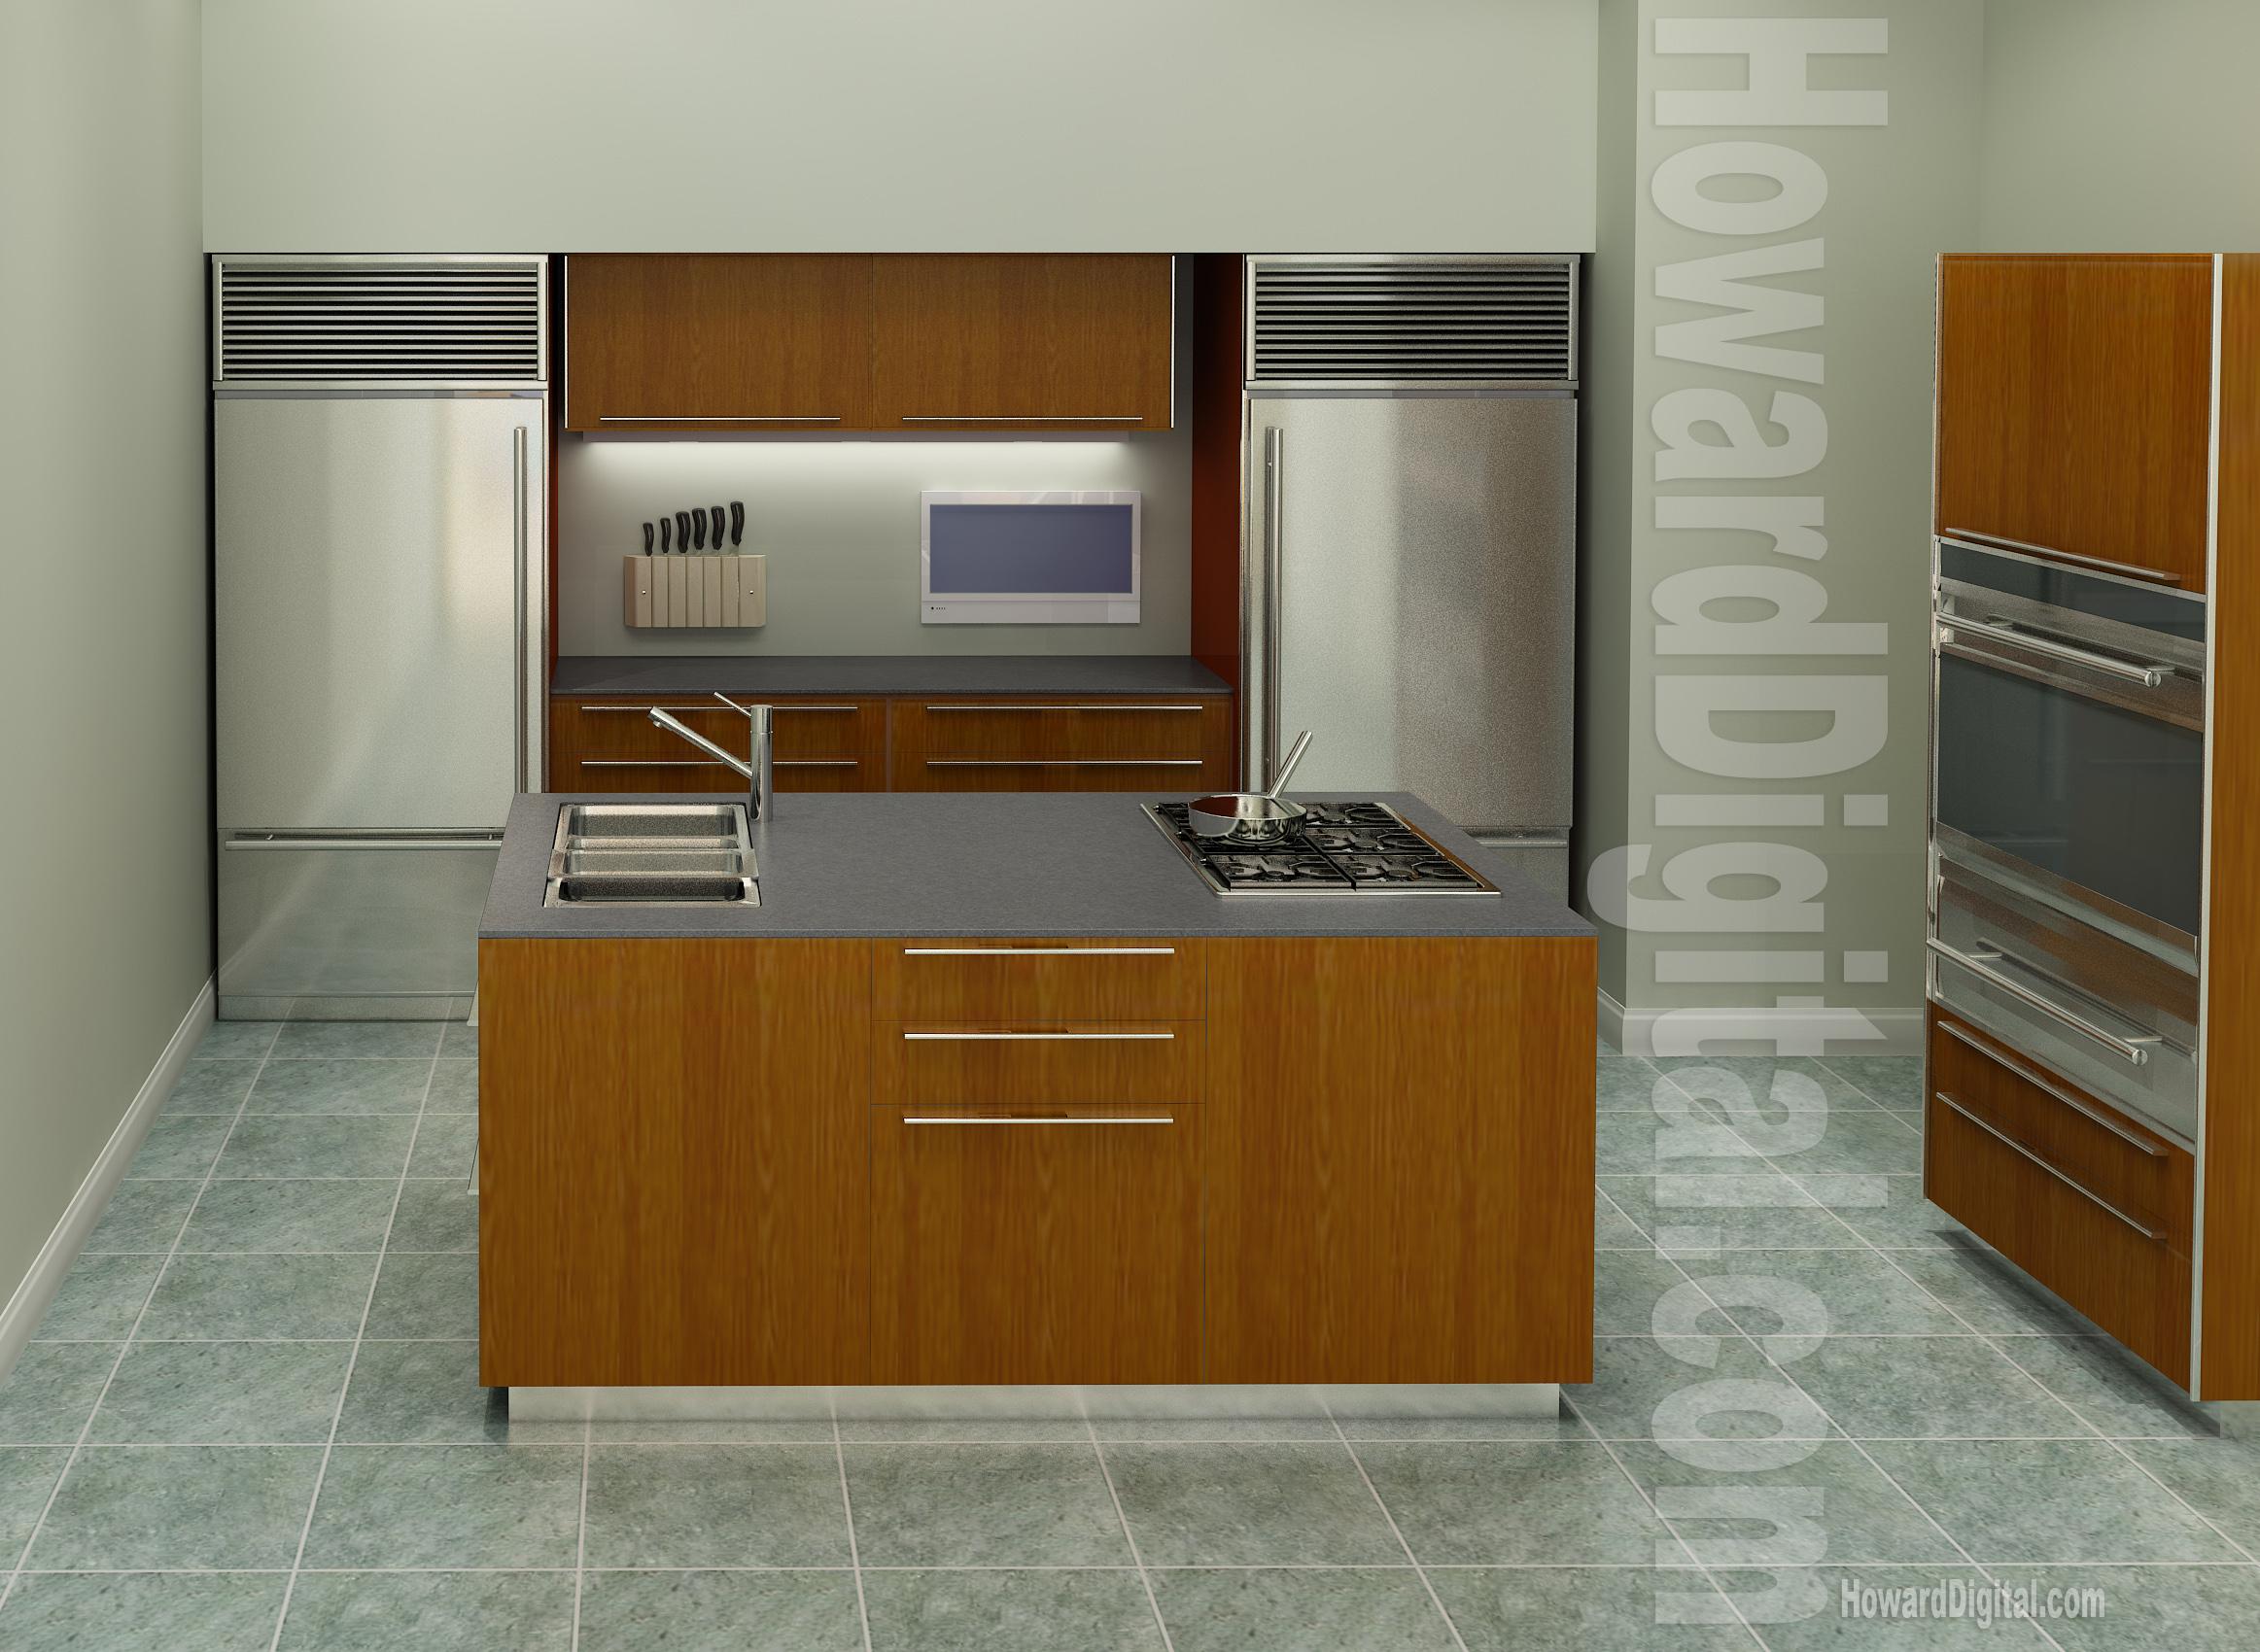 kitchen interior rendering howard digital kitchen interior design